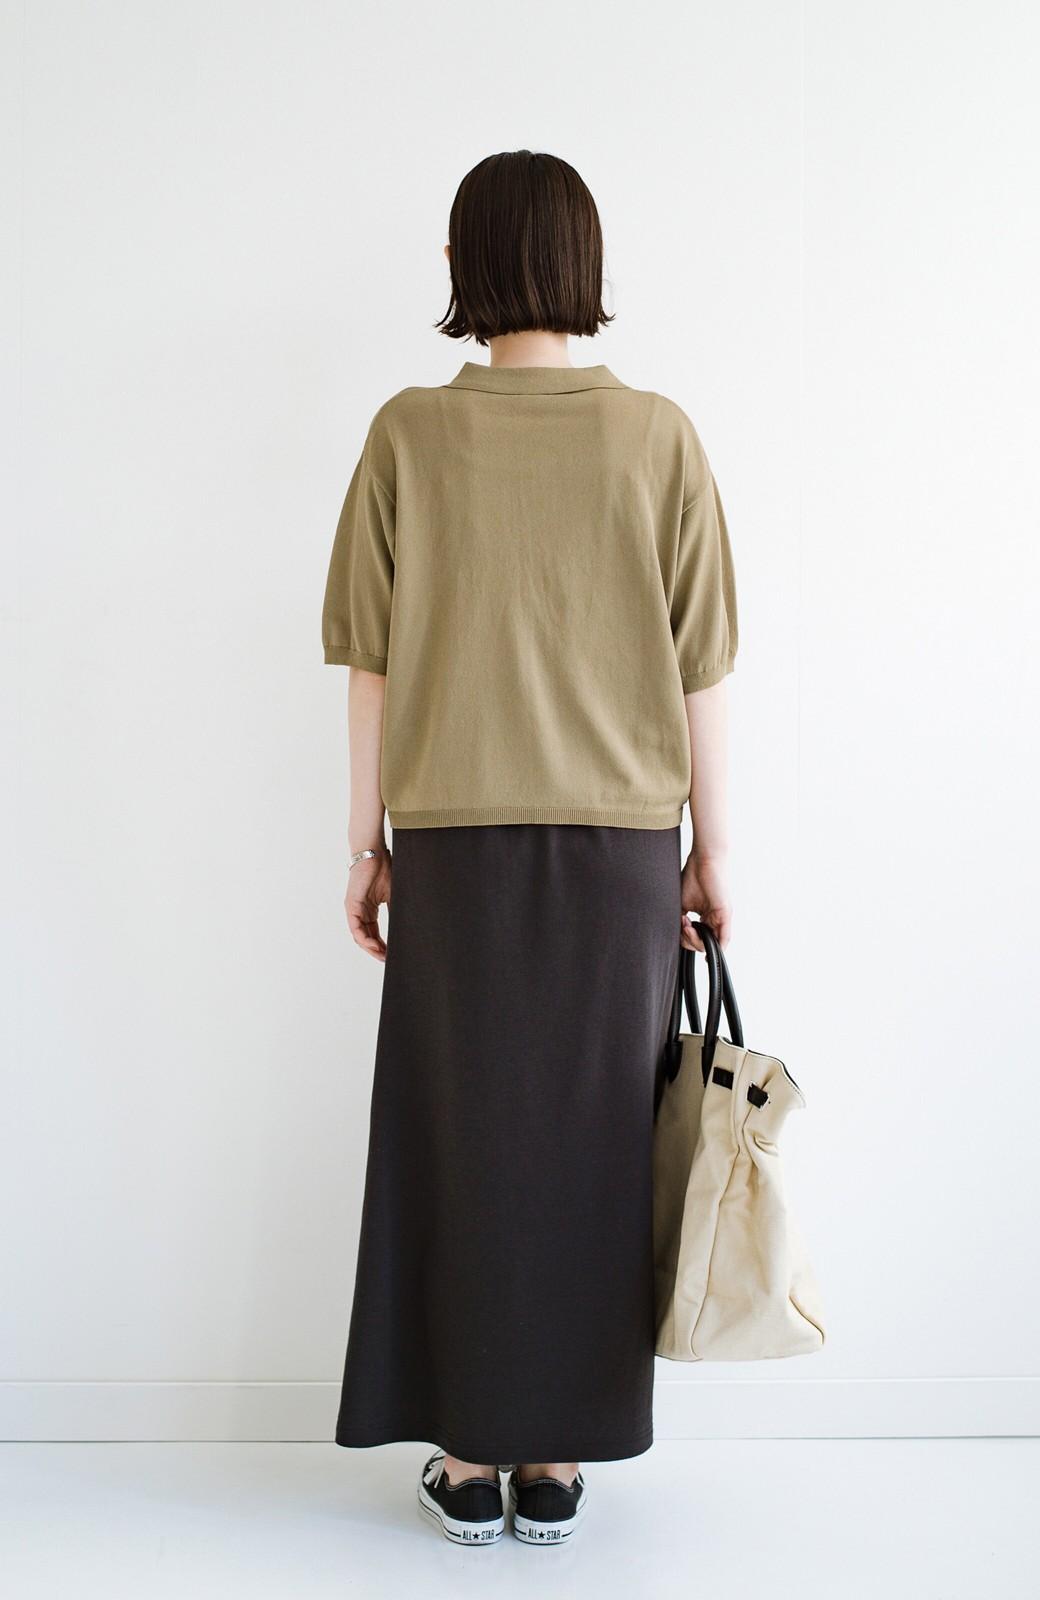 haco! Tシャツ代わりに着ておしゃれ気分が高まる 洗濯機で洗えるポロニットトップス <ベージュ>の商品写真12